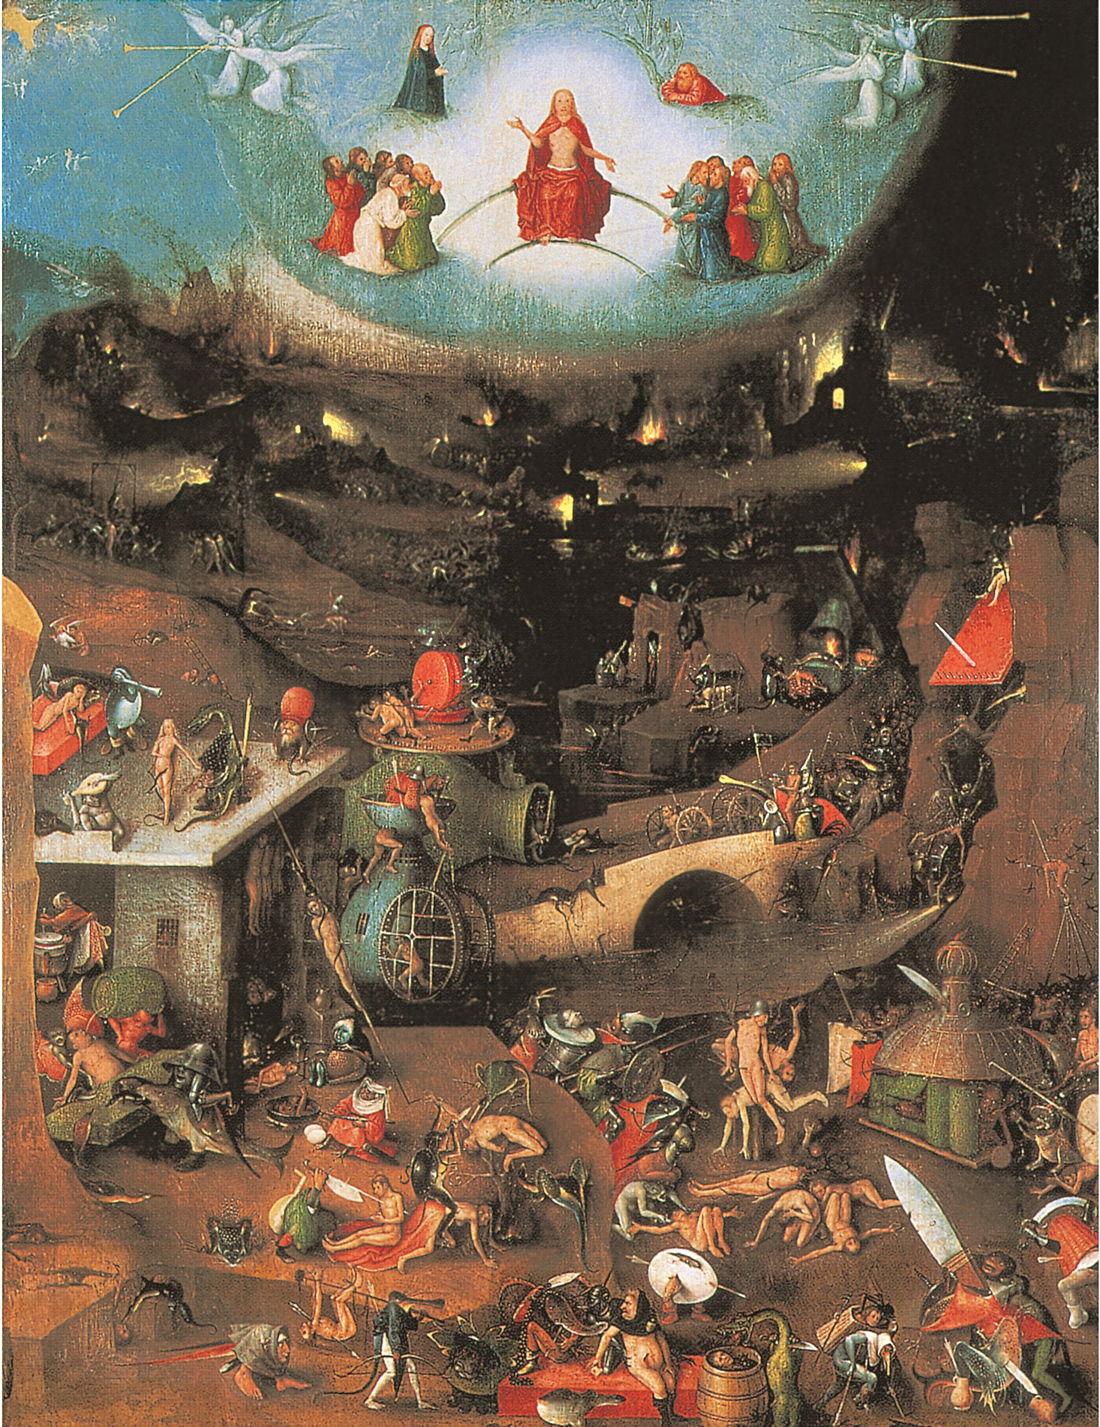 Hieronymus Bosch's The Last Judgement.